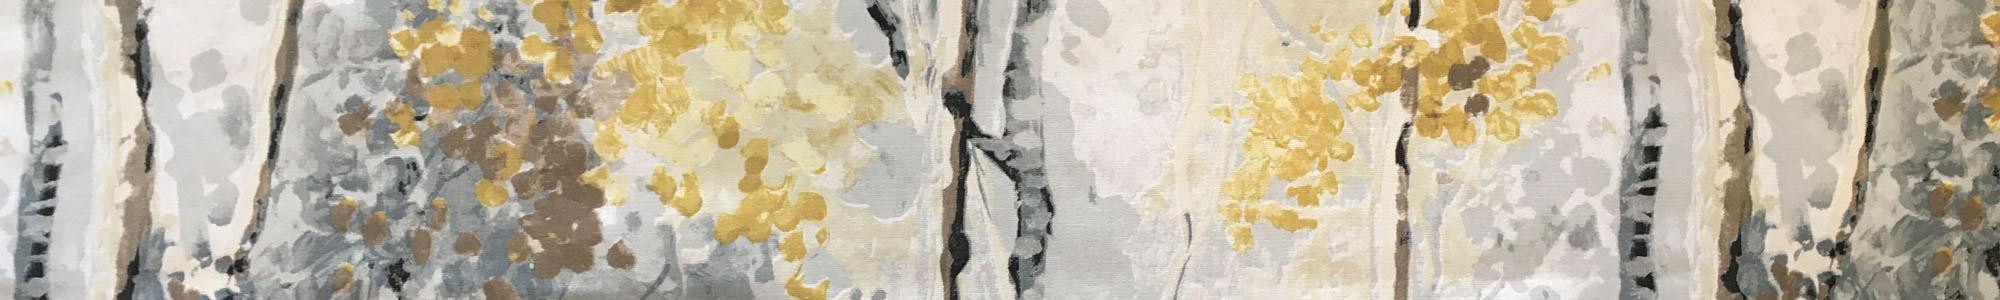 Banner 300 - Silver Birch